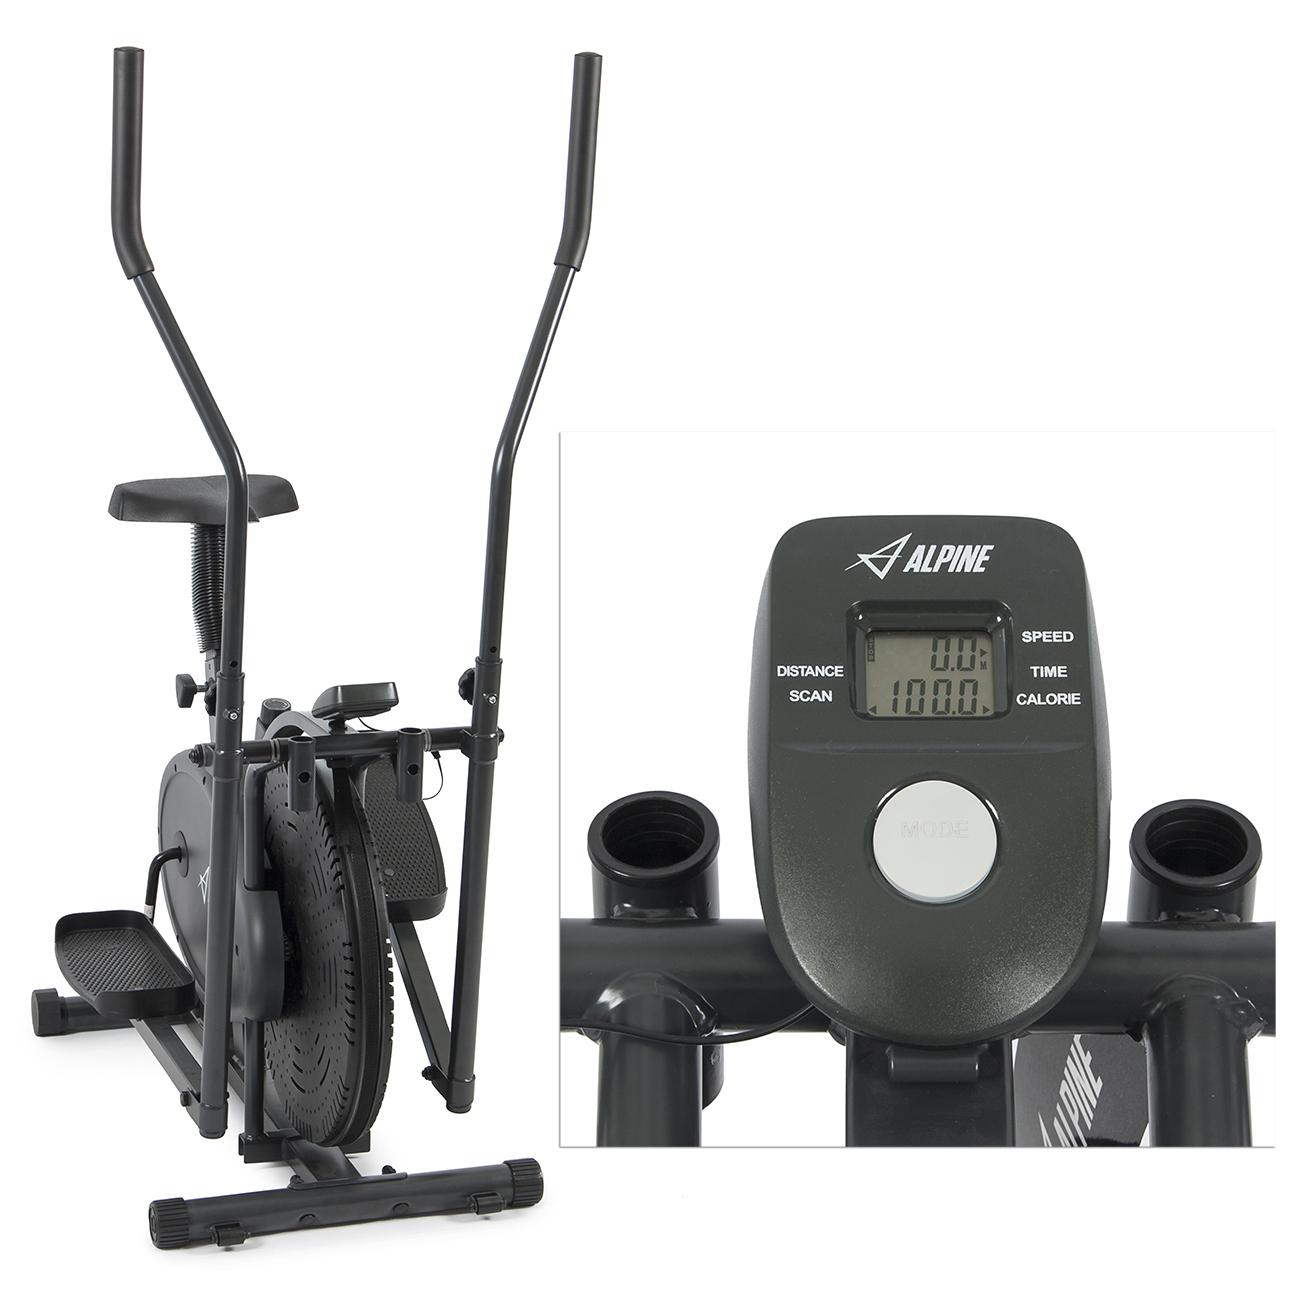 Elliptical Bike That Moves: 2 IN 1 Elliptical Exercise Bike Cross Trainer Fitness